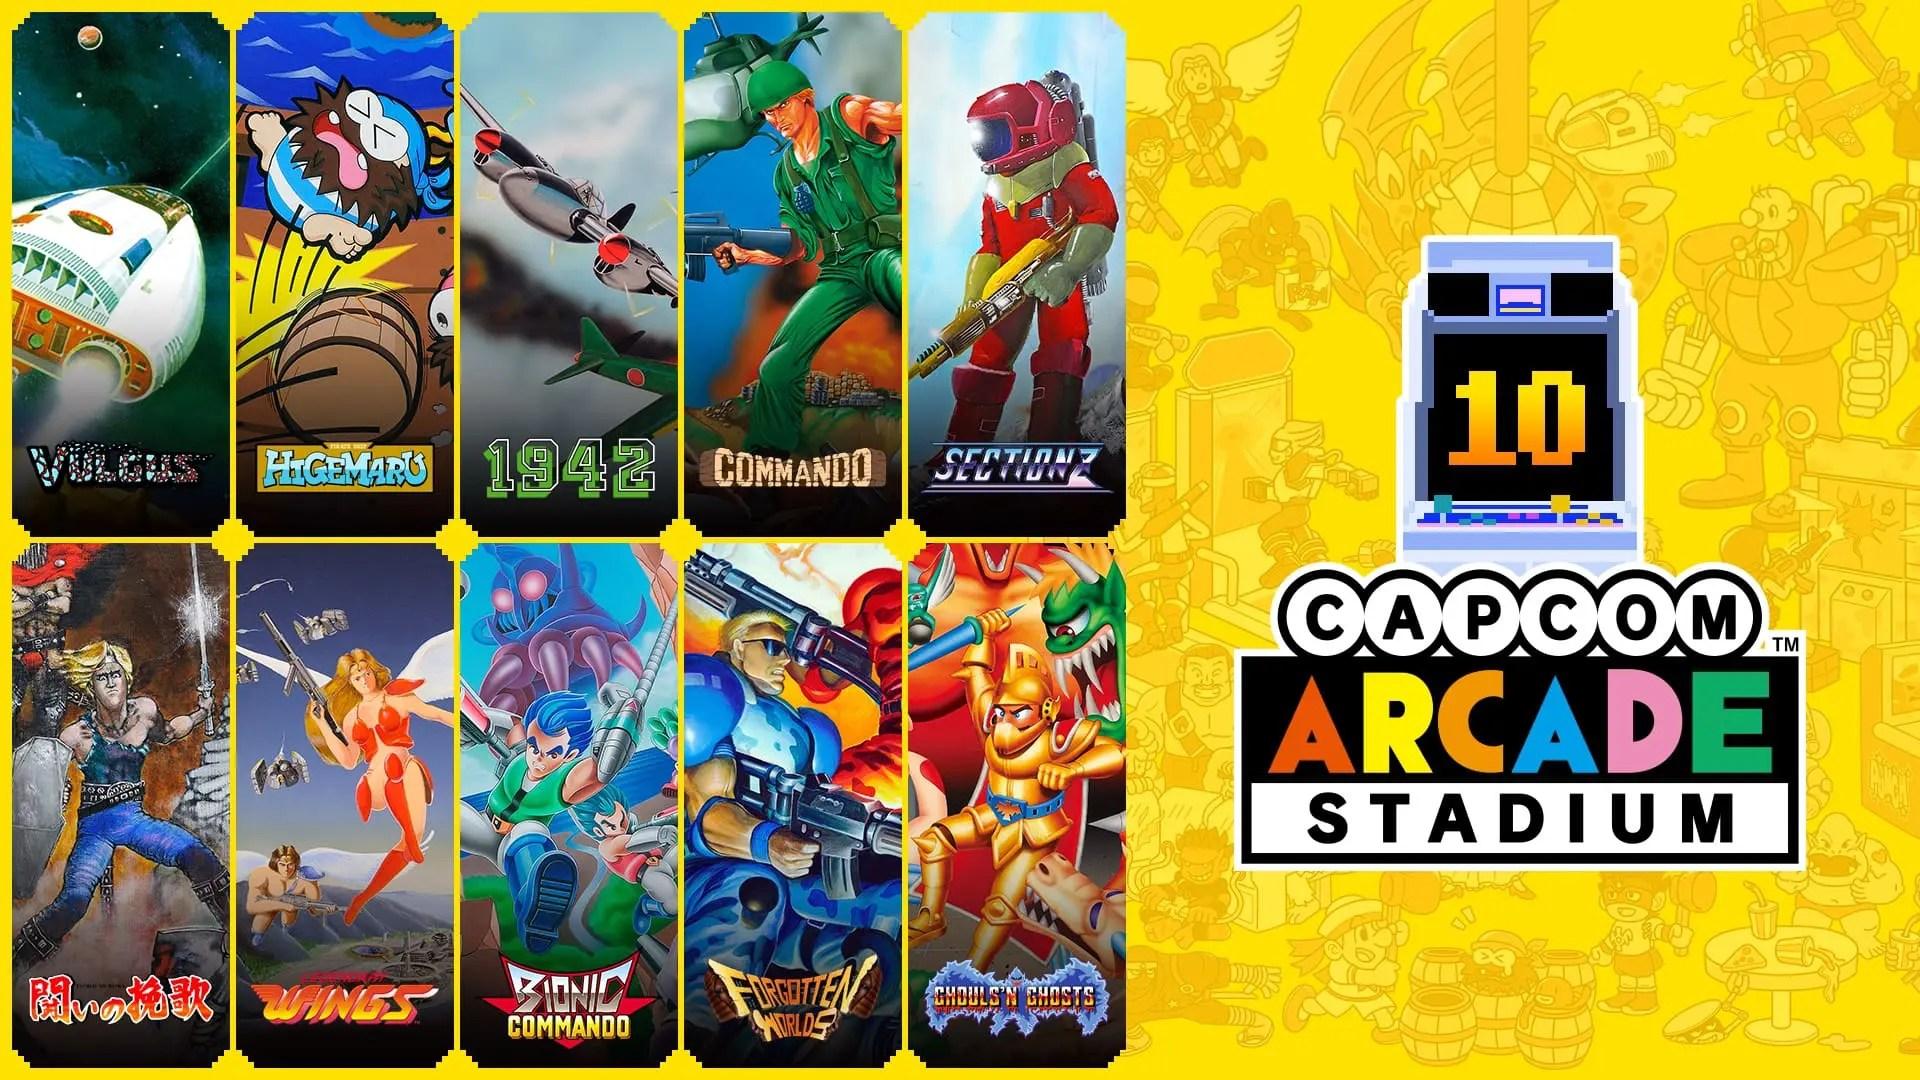 Capcom Arcade Stadium Pack 1 Image